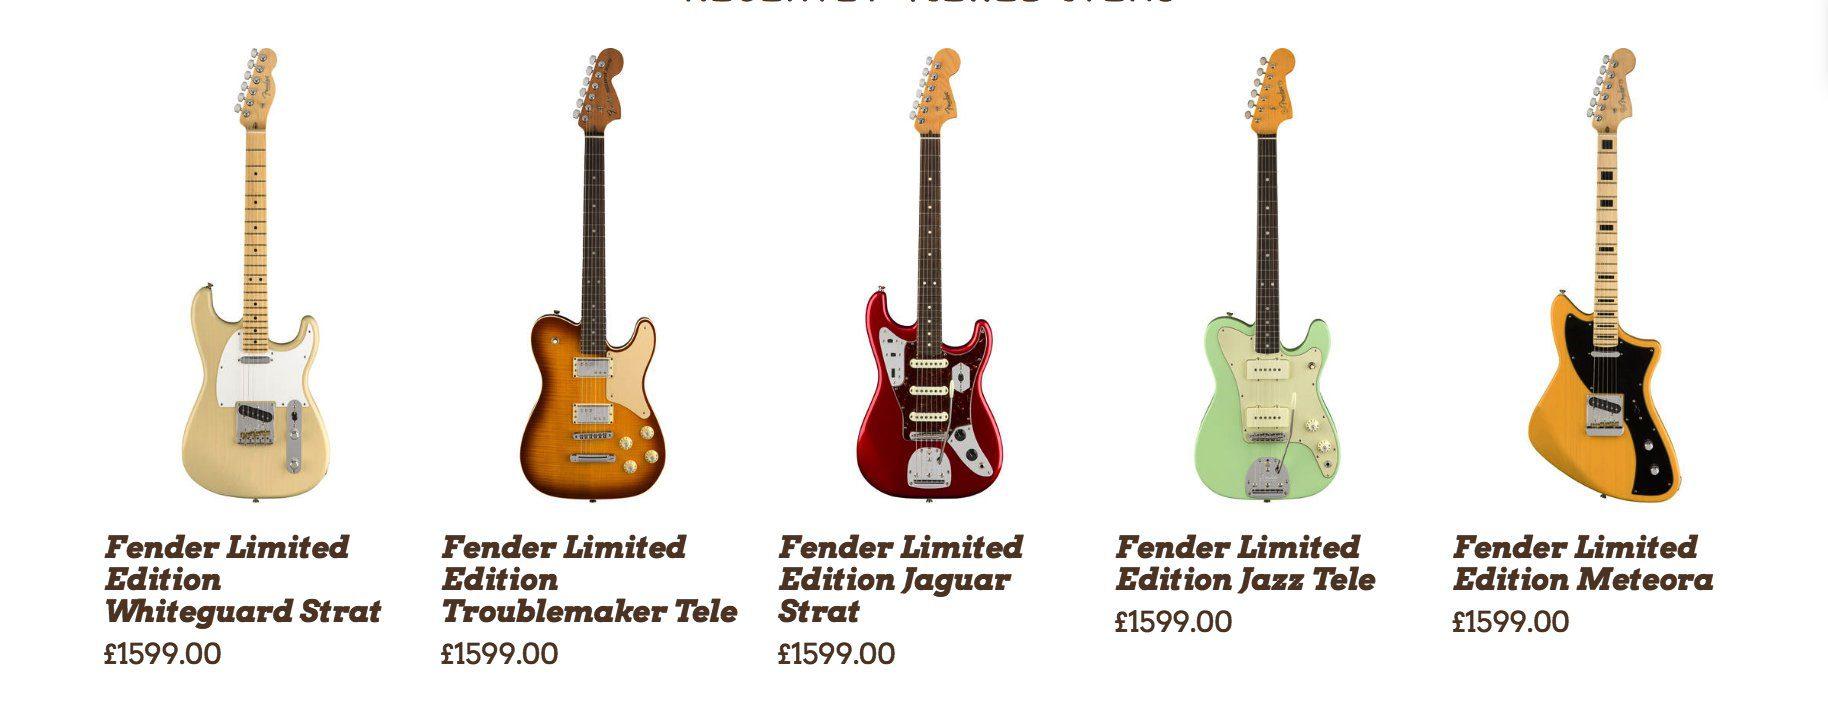 5 x Gitarren-Effektpedal Box Case Enclosure Geeignet für Gitarrenspieler